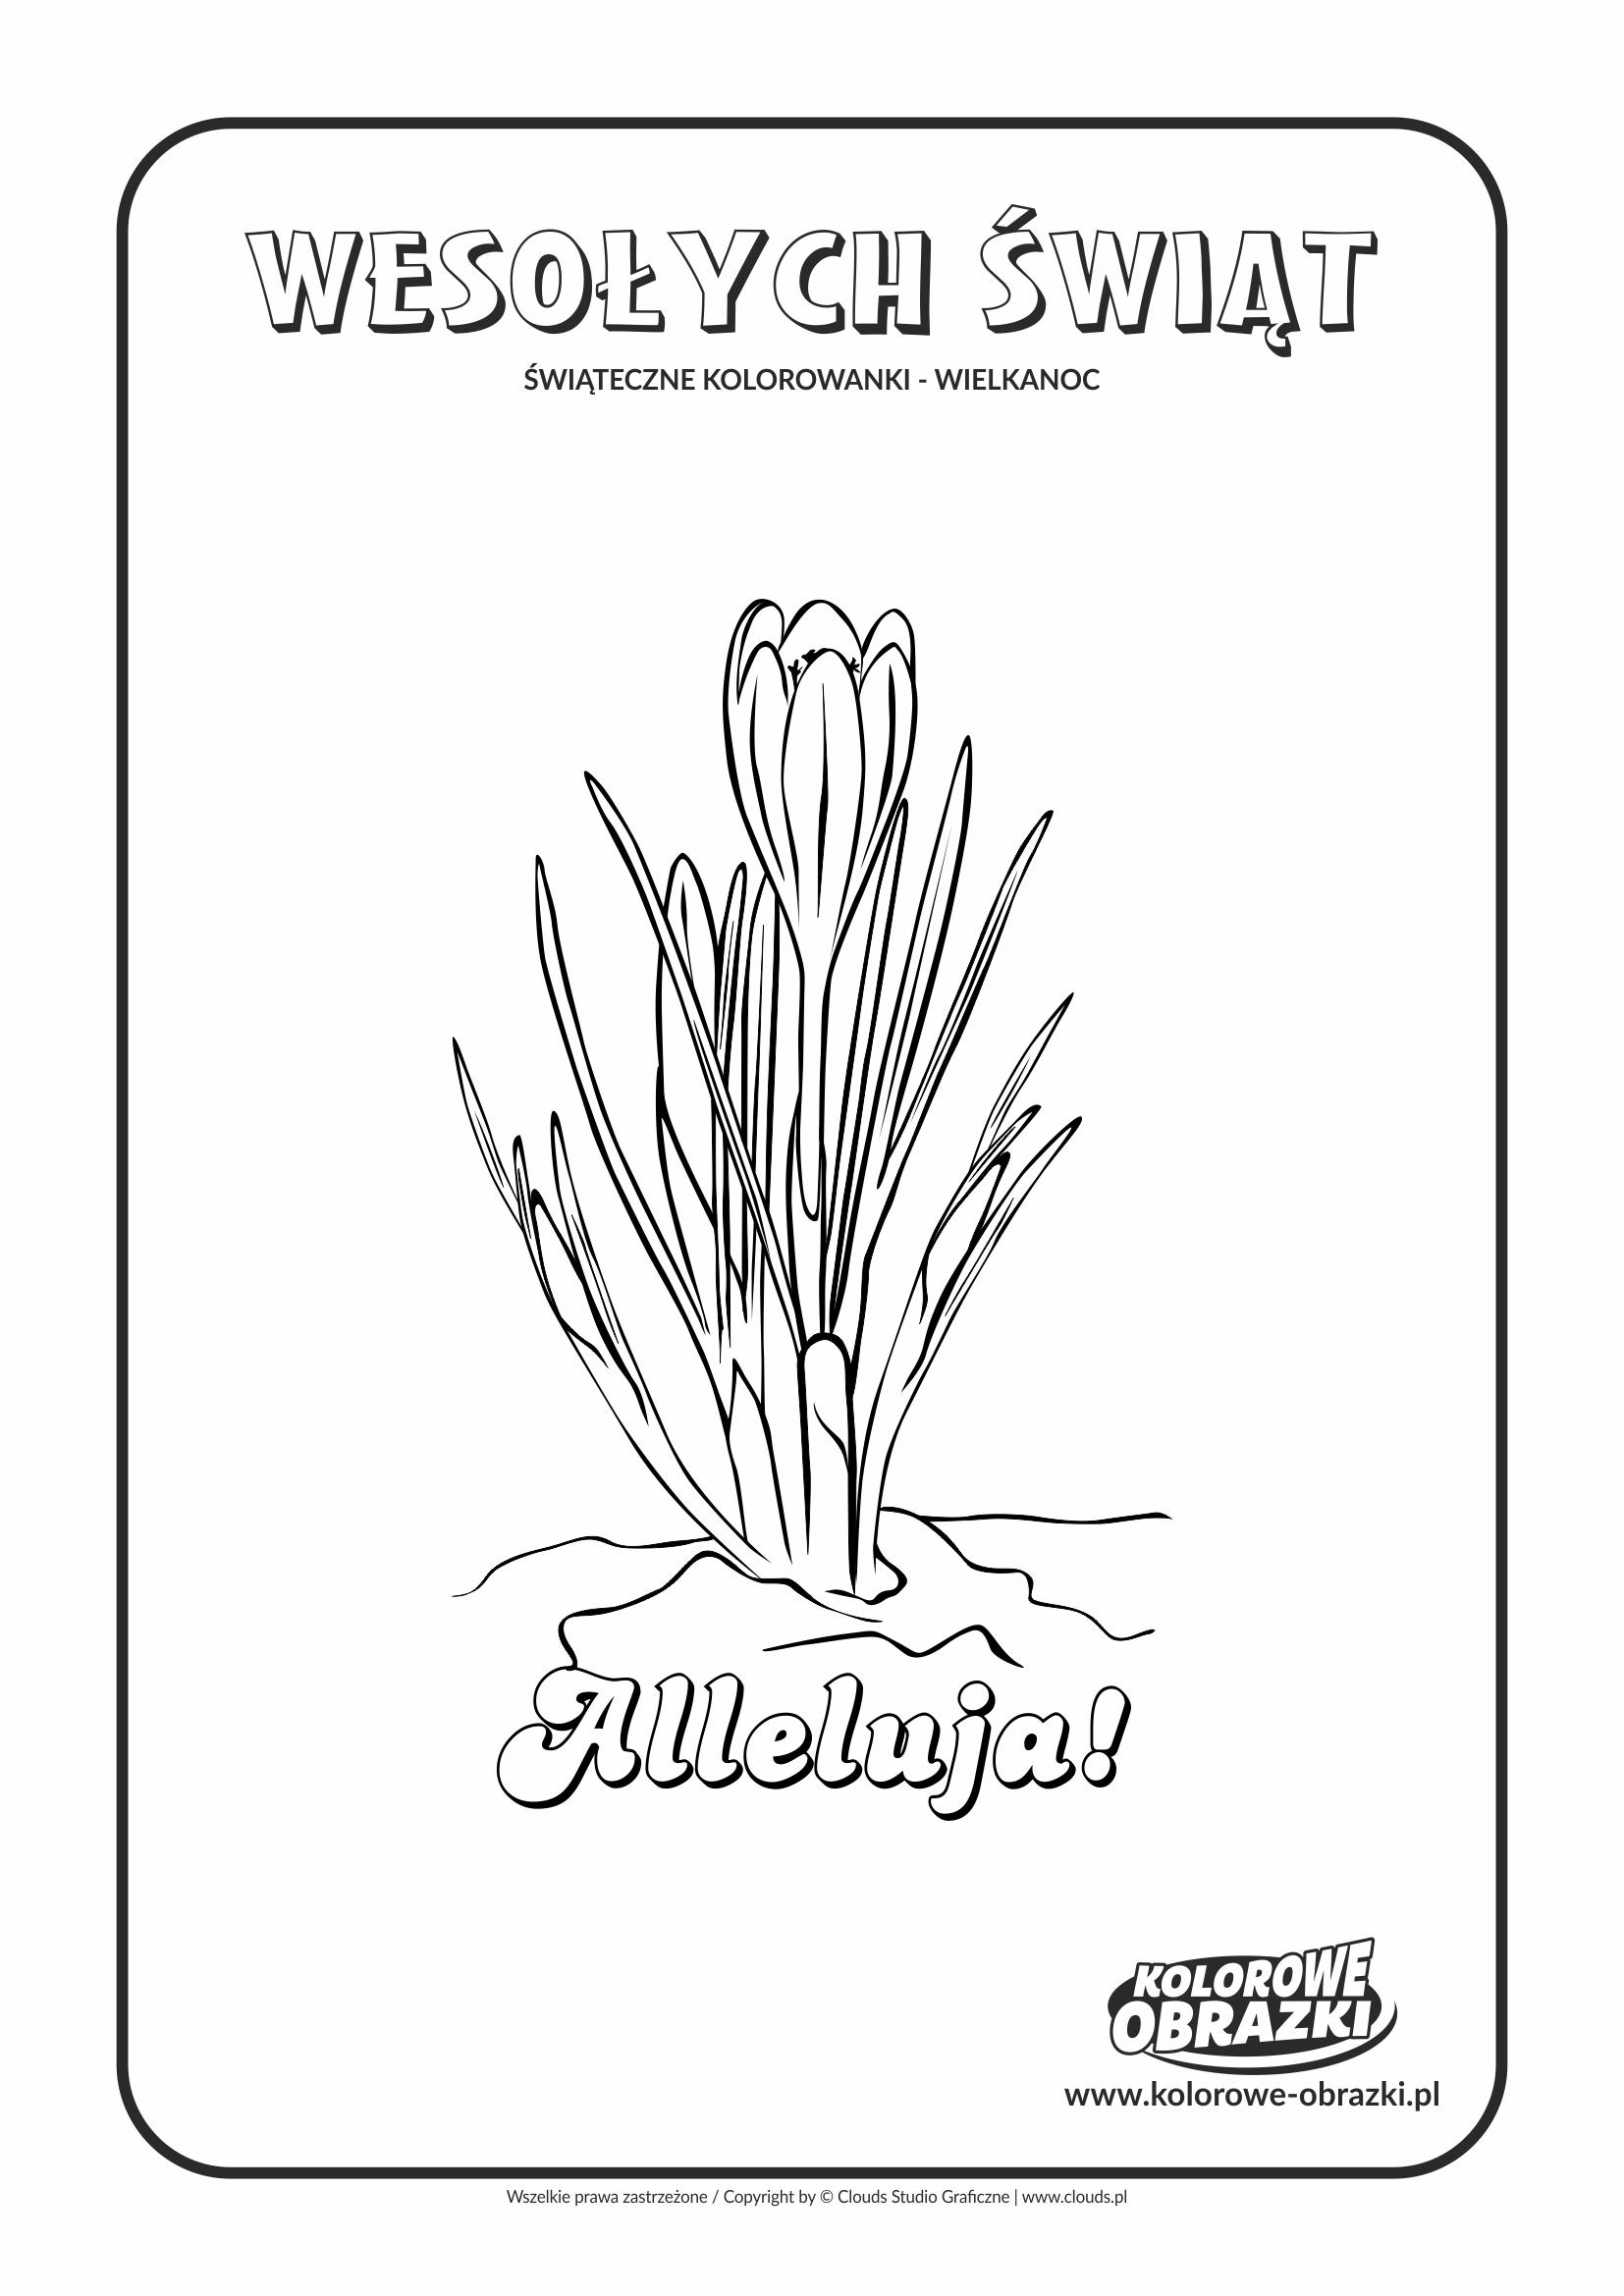 Kolorowanki dla dzieci - Wielkanoc / Wielkanocne kwiatki 2. Kolorowanka z wielkanocnymi kwiatkami 2